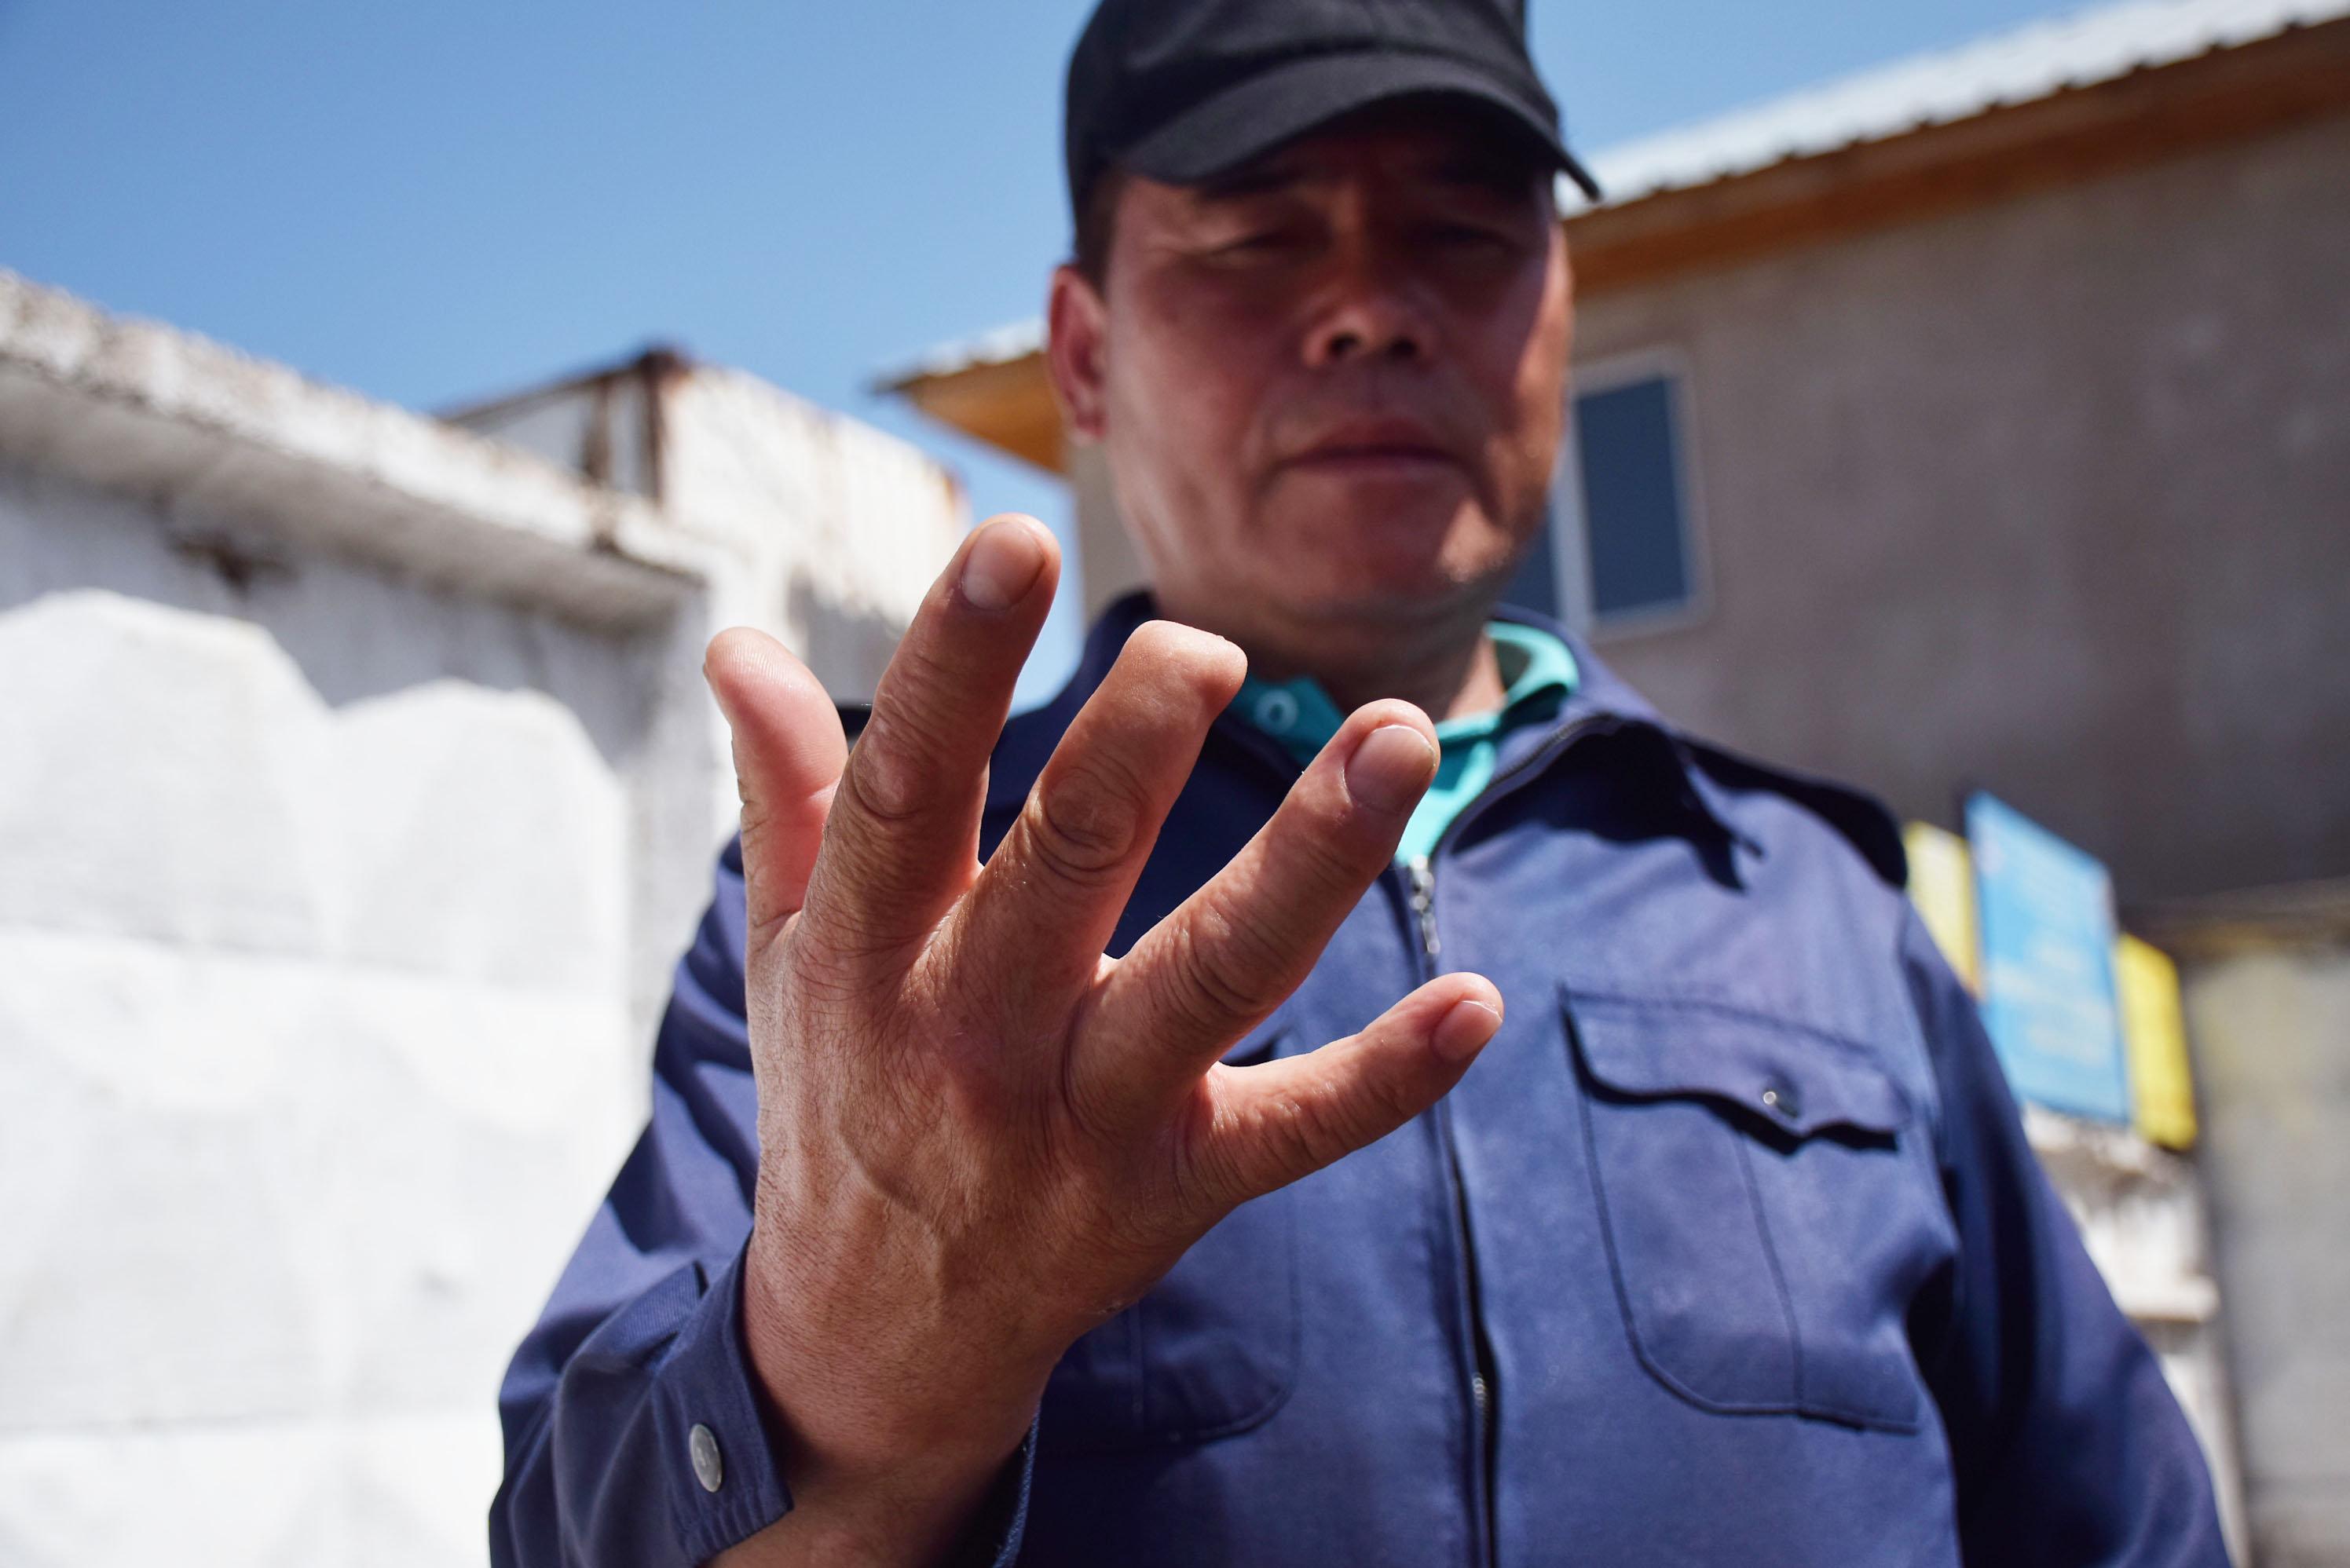 Сотрудник службы отлова бродячих животных показывает травмированный палец